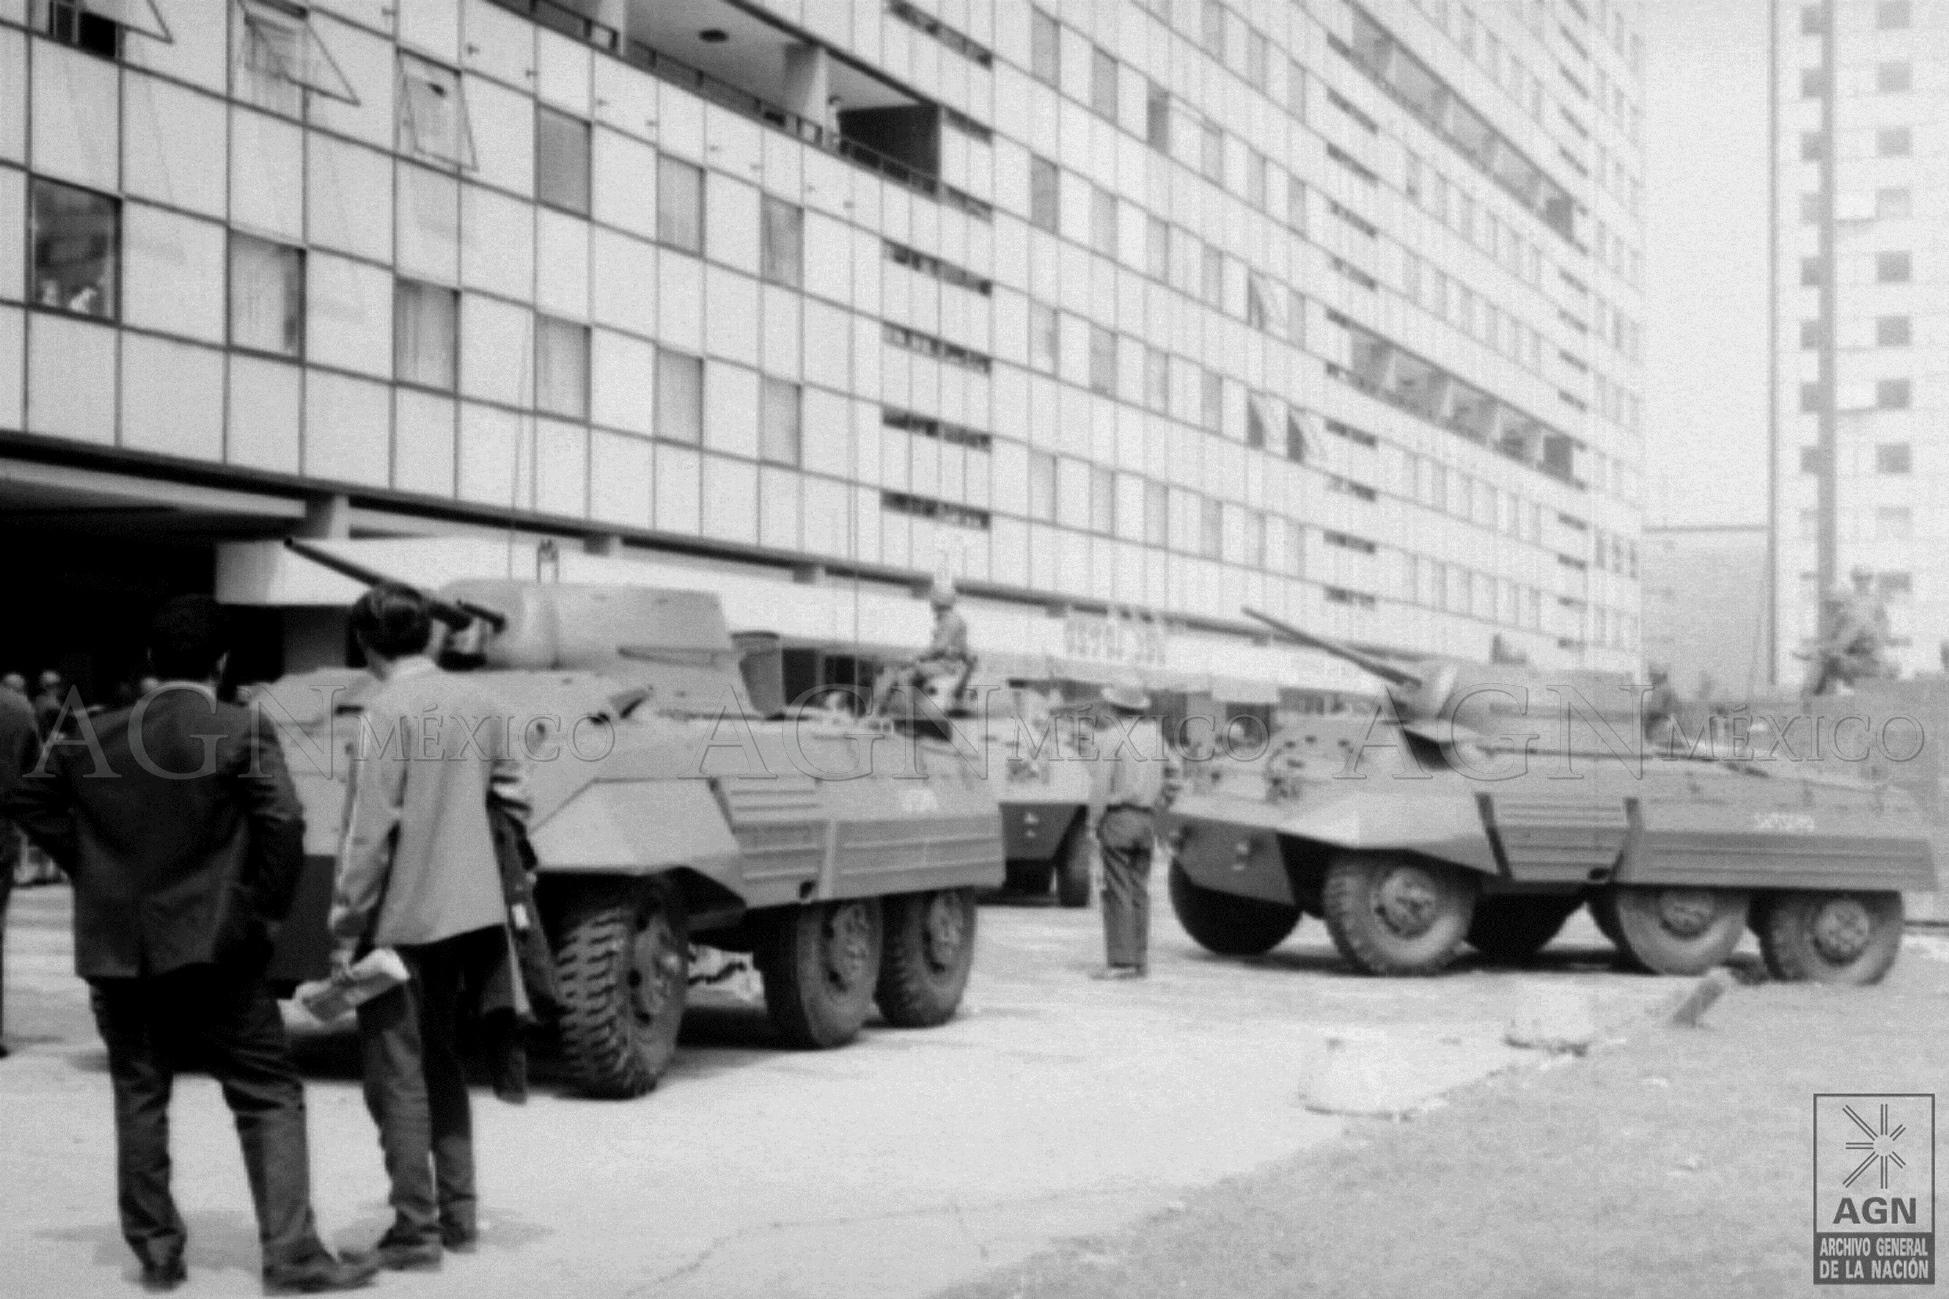 Camiones y carros de asalto 2 de octubre de 1968 AGN, Centro de Información Gráfica, Hermanos Mayo/Cronológico, sobre 24599